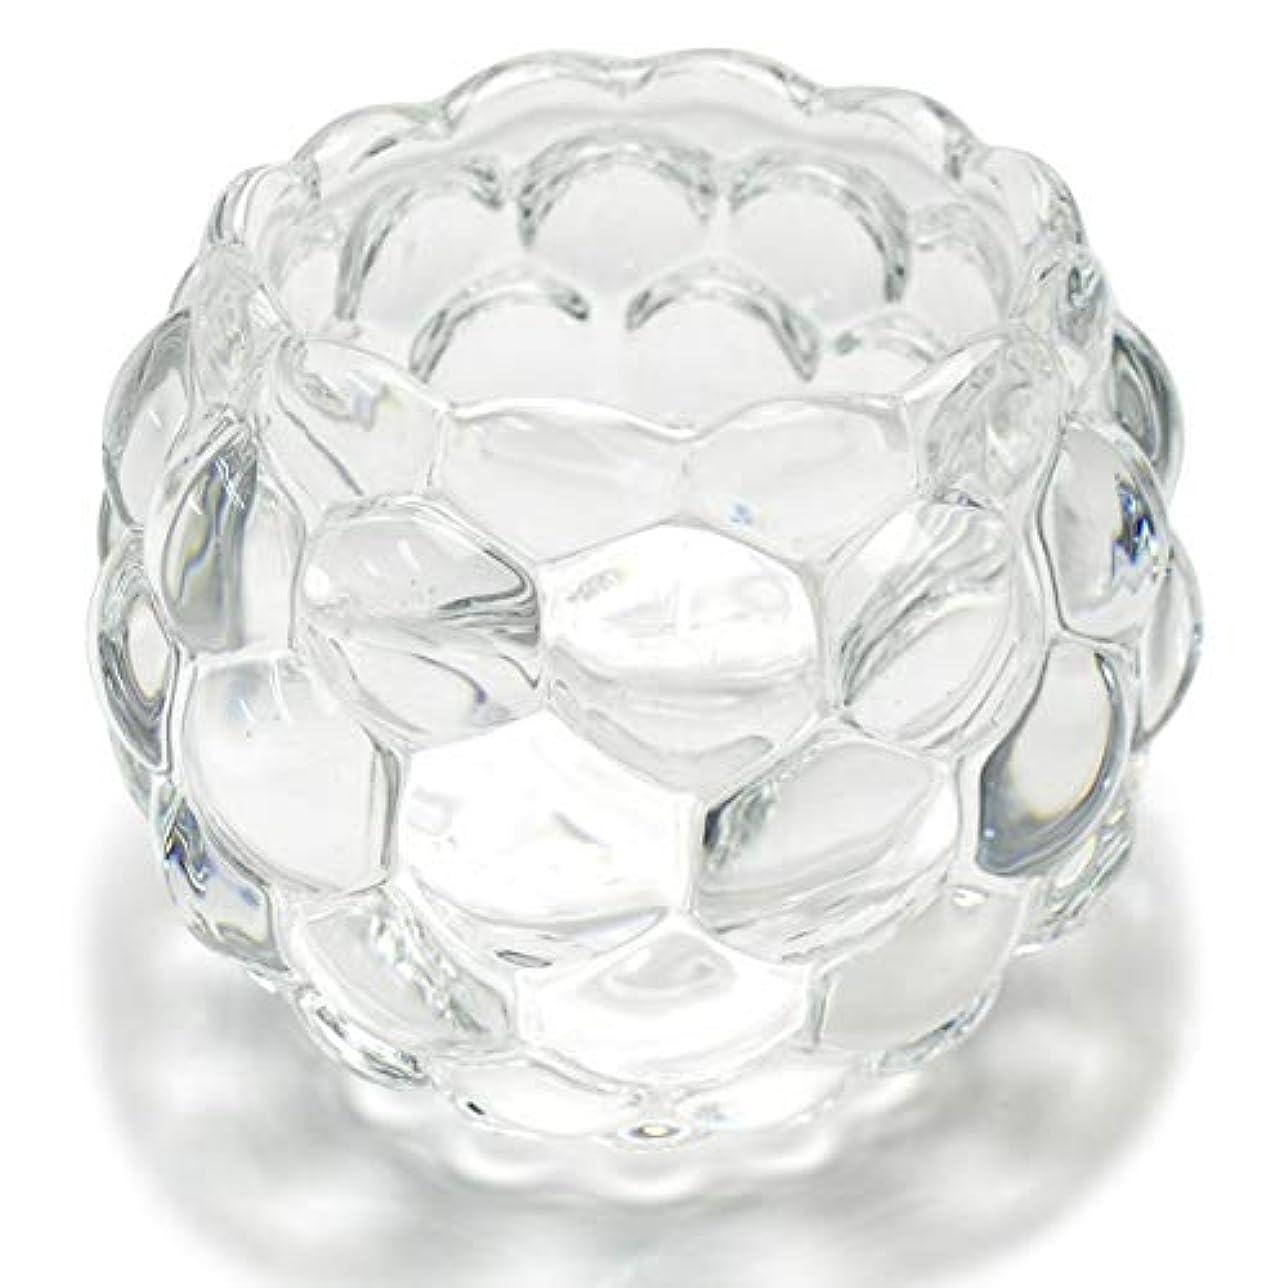 一目億機構キャンドルホルダー ガラス 4 キャンドルスタンド クリスマス ティーキャンドル 誕生日 記念日